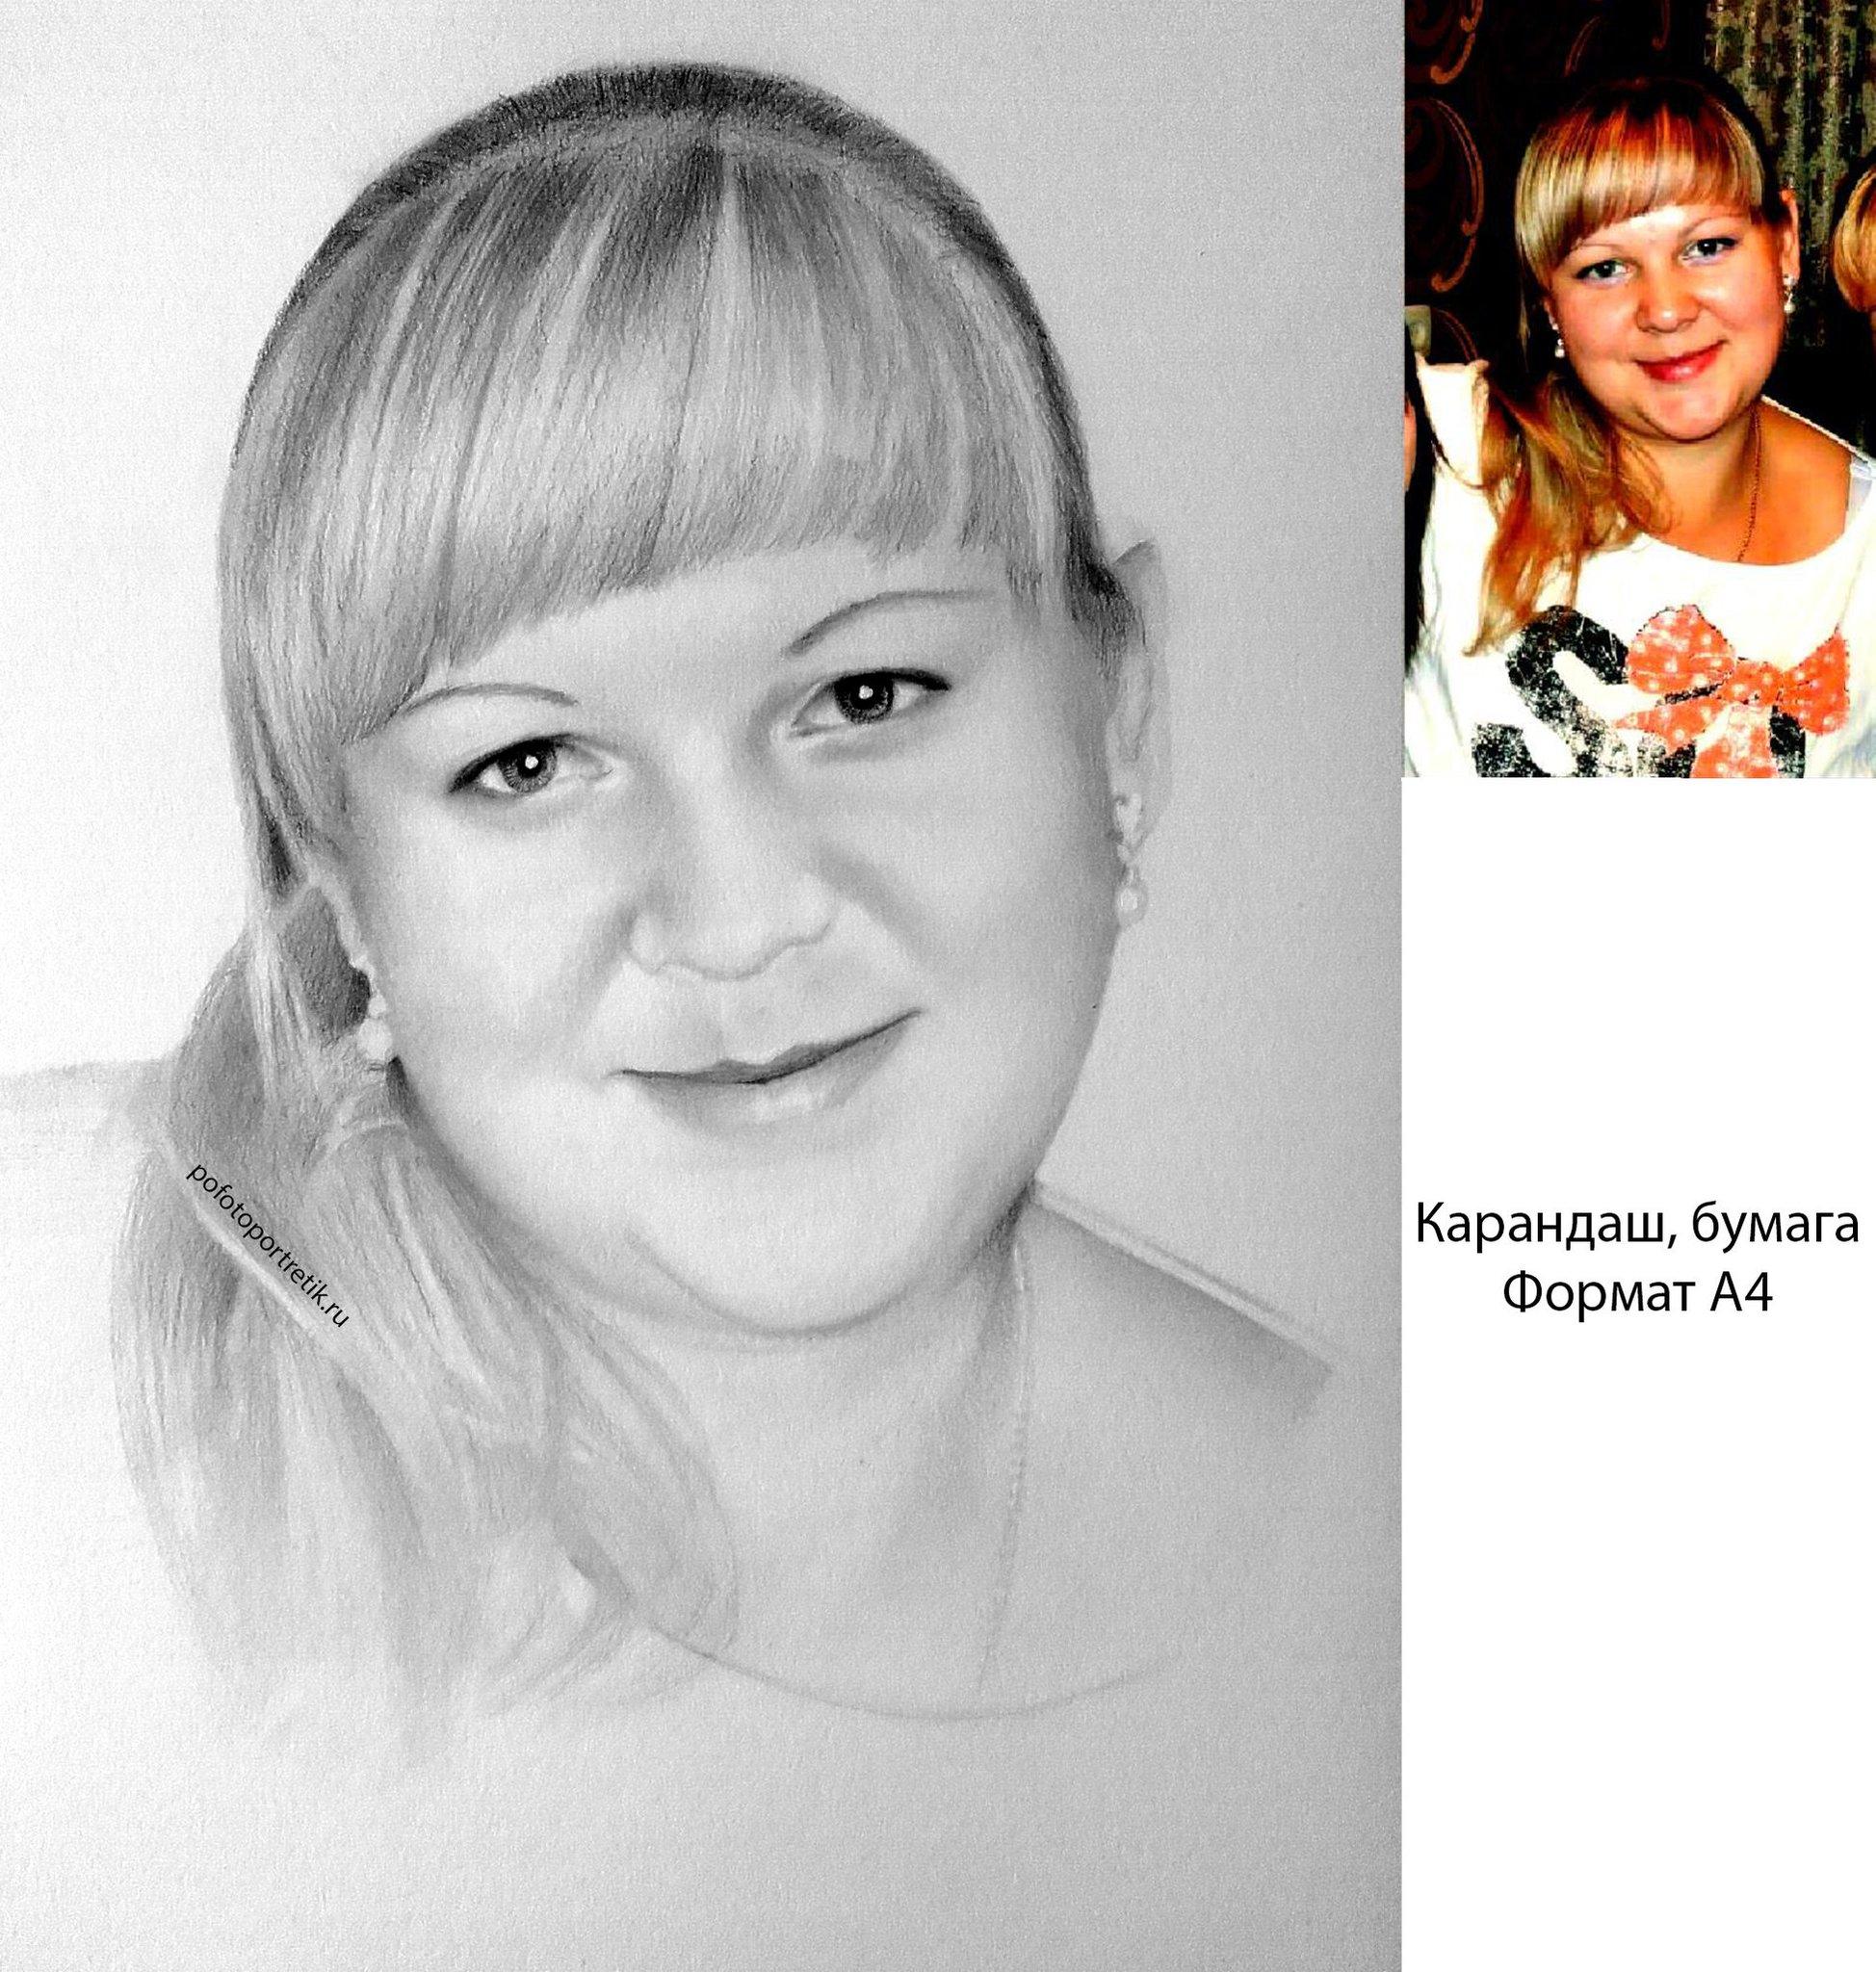 Фотомонтаж портреты аристократов открытку стиле